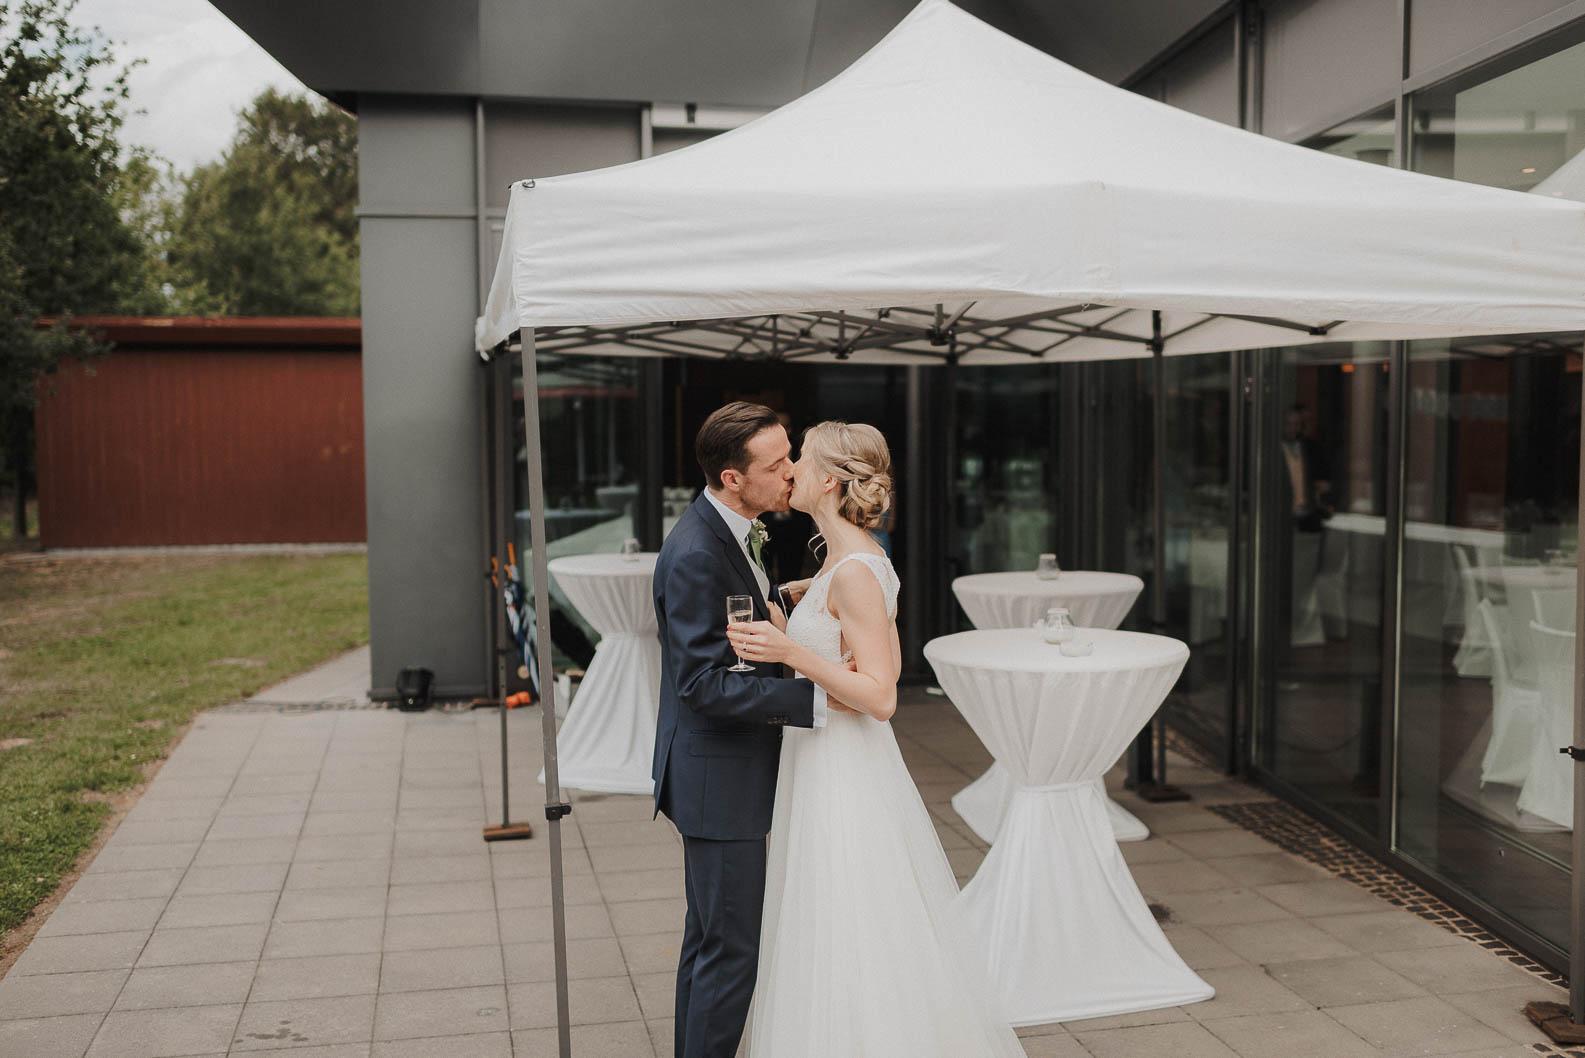 Hochzeits bei Regen Weisses Zelt Burg Heimerzheim